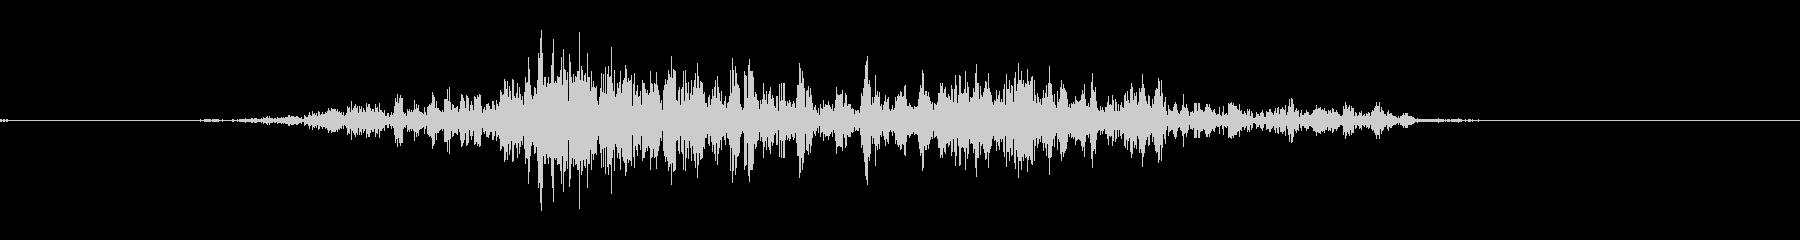 コーキングガン:プルバックピストン...の未再生の波形